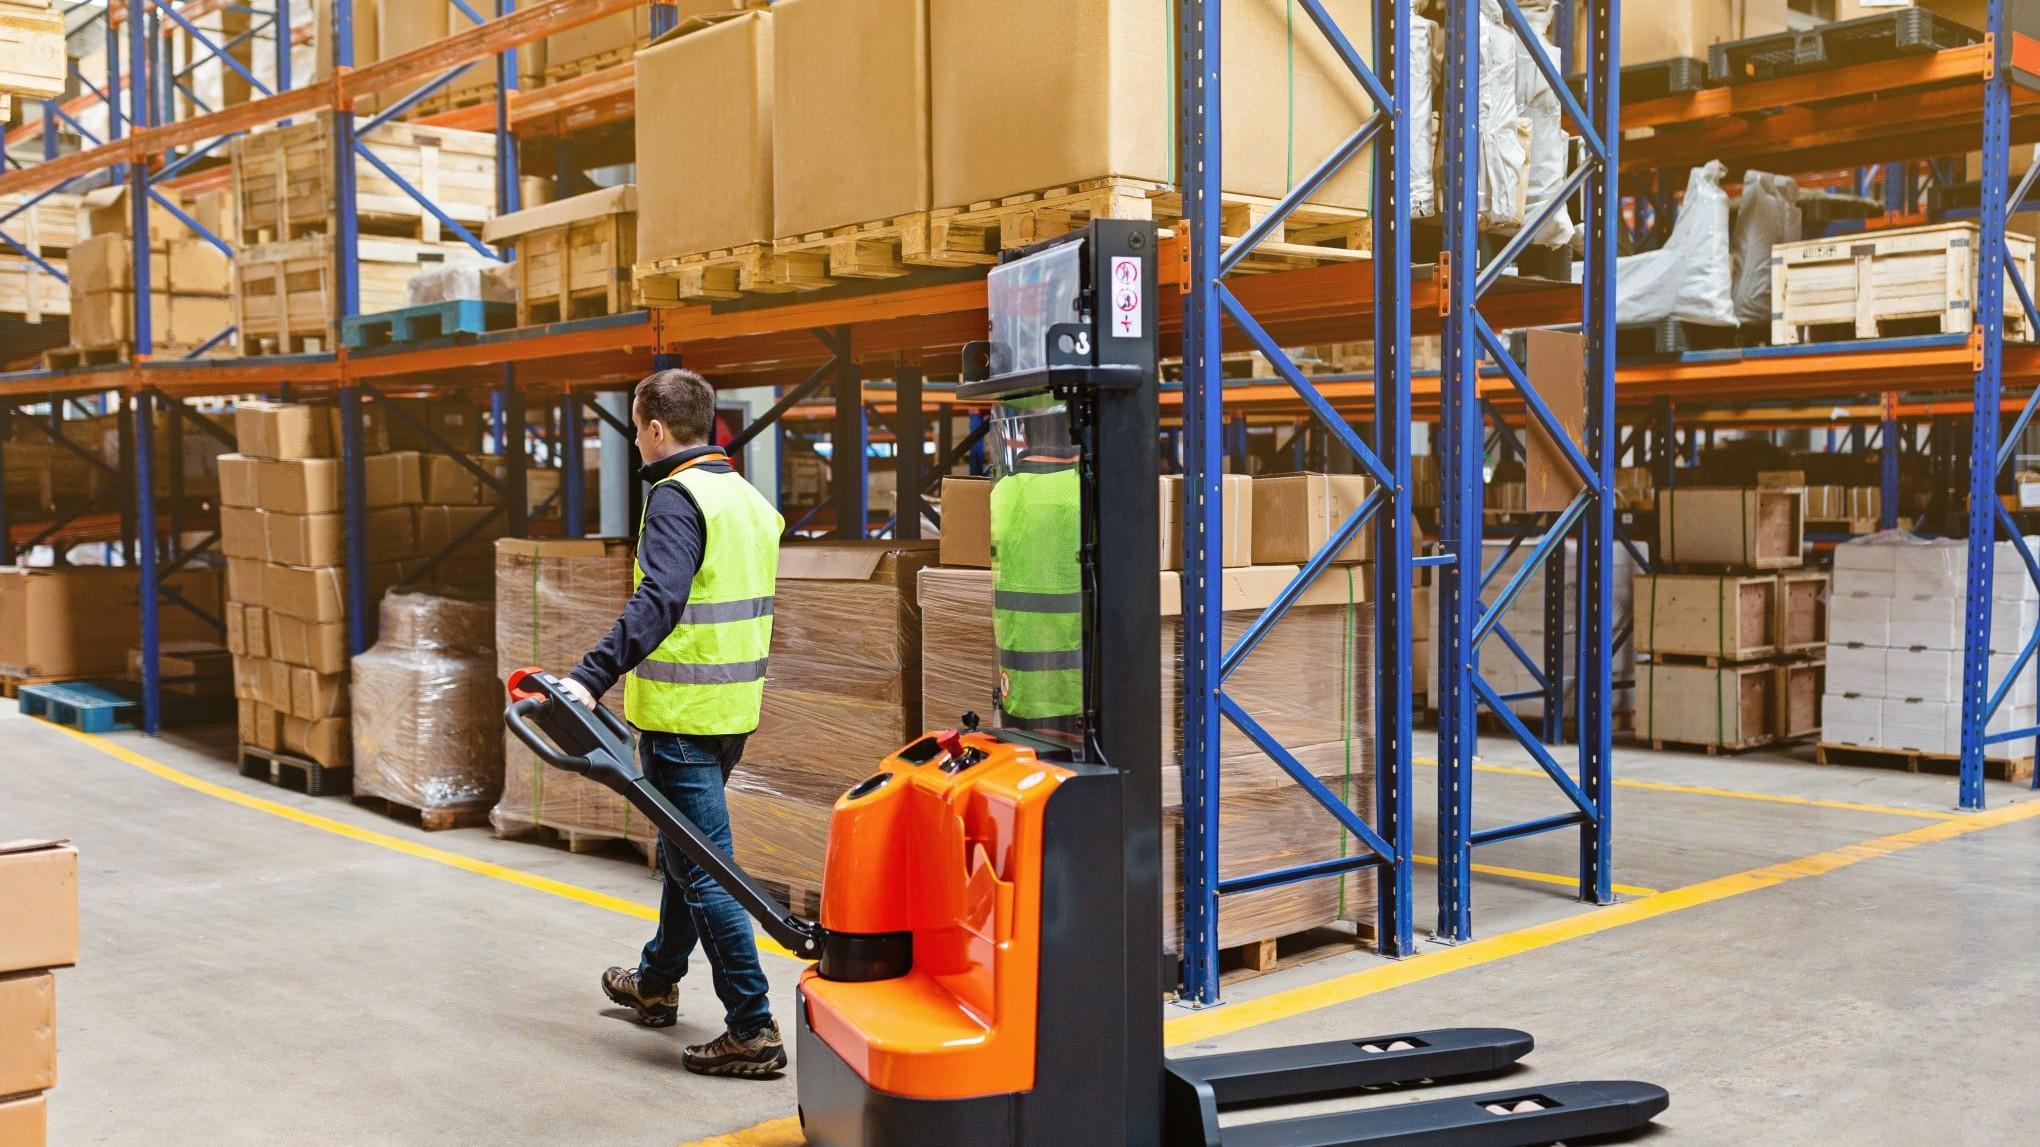 reachtruck reach truck high lift stacker stacker class ii truck sit on forklift pallet warehouse t20 xXm1a9